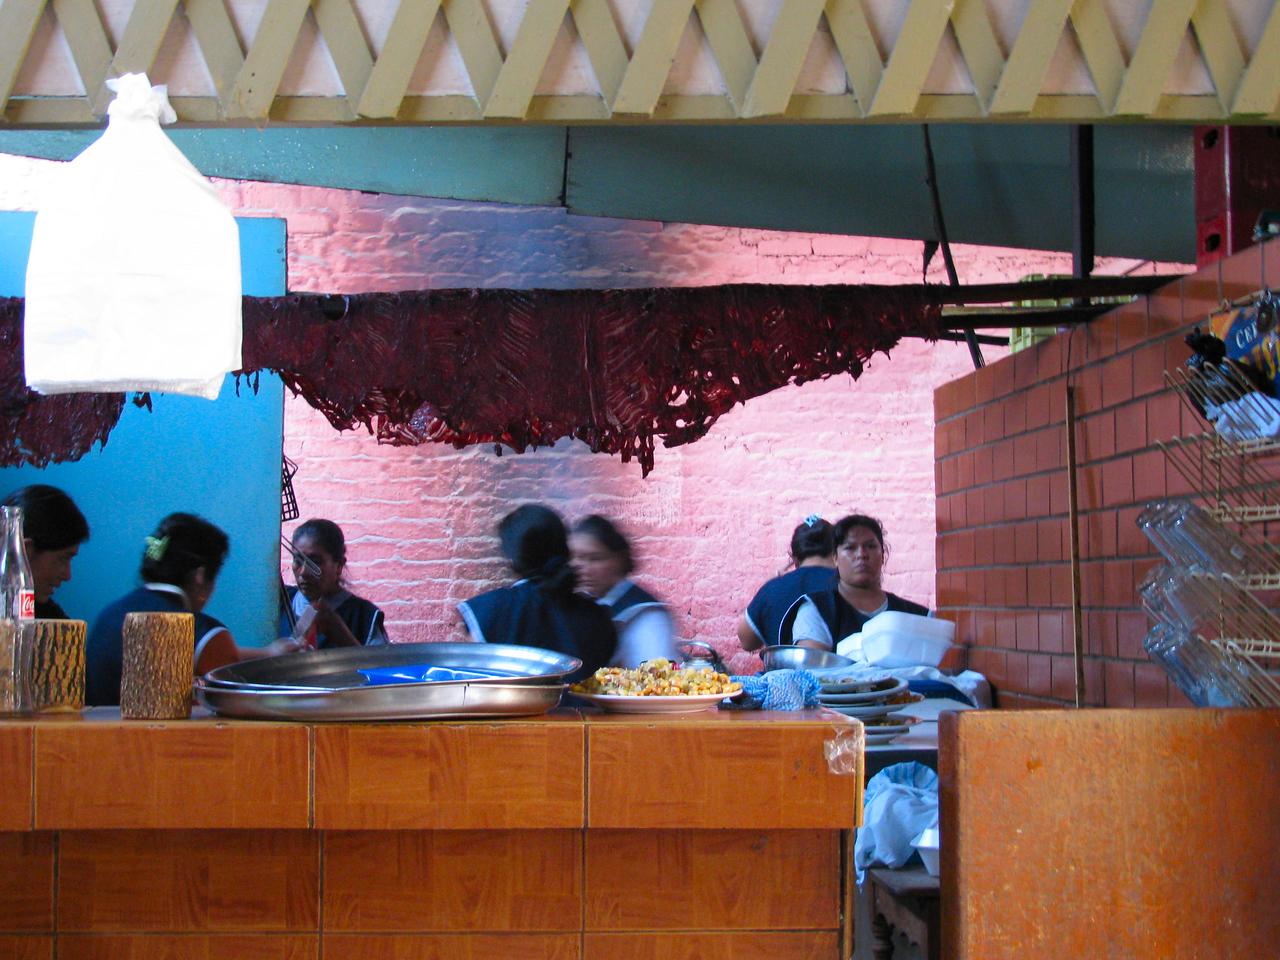 En la Picanteria 'La Chayo', la cocina super movida, con los trozos de carne secandose...<br /> <br /> At the Picaneria 'La Chayo', the kitchen is buzzling with orders, while the meat is being dried above...